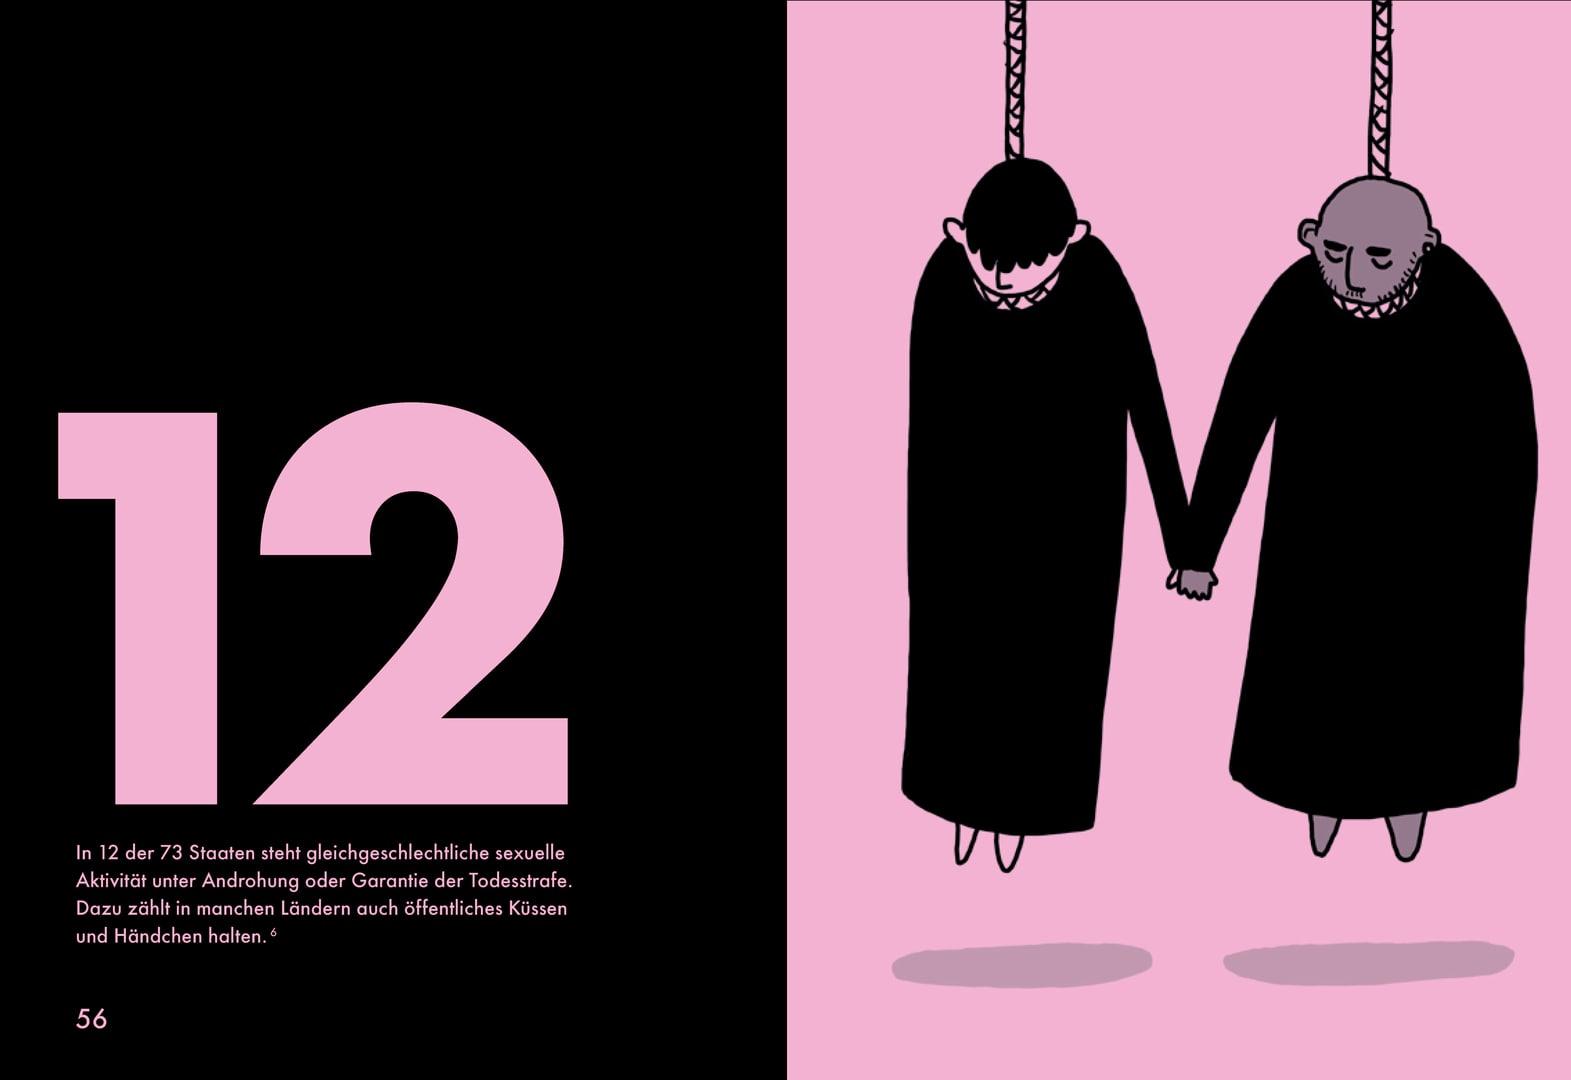 56-57_Todesstrafe.jpg